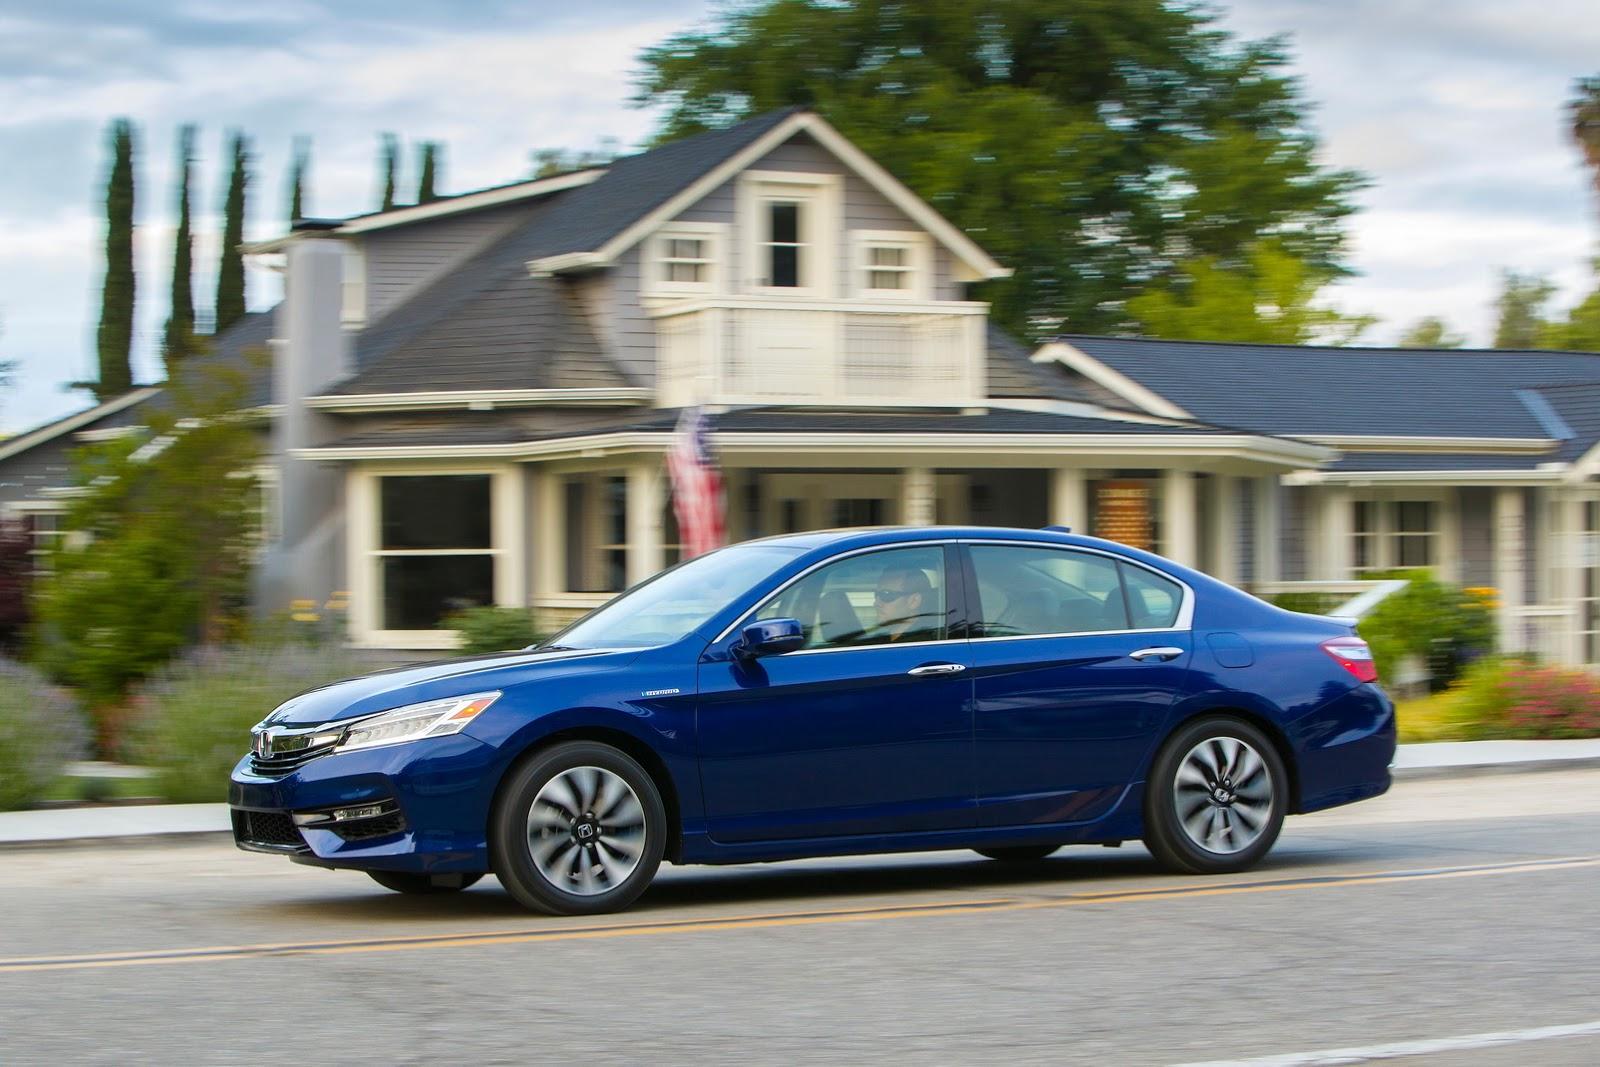 Giá xe Honda Accord Hybrid 2017 từ 29.605 USD với 3 phiên bản 3